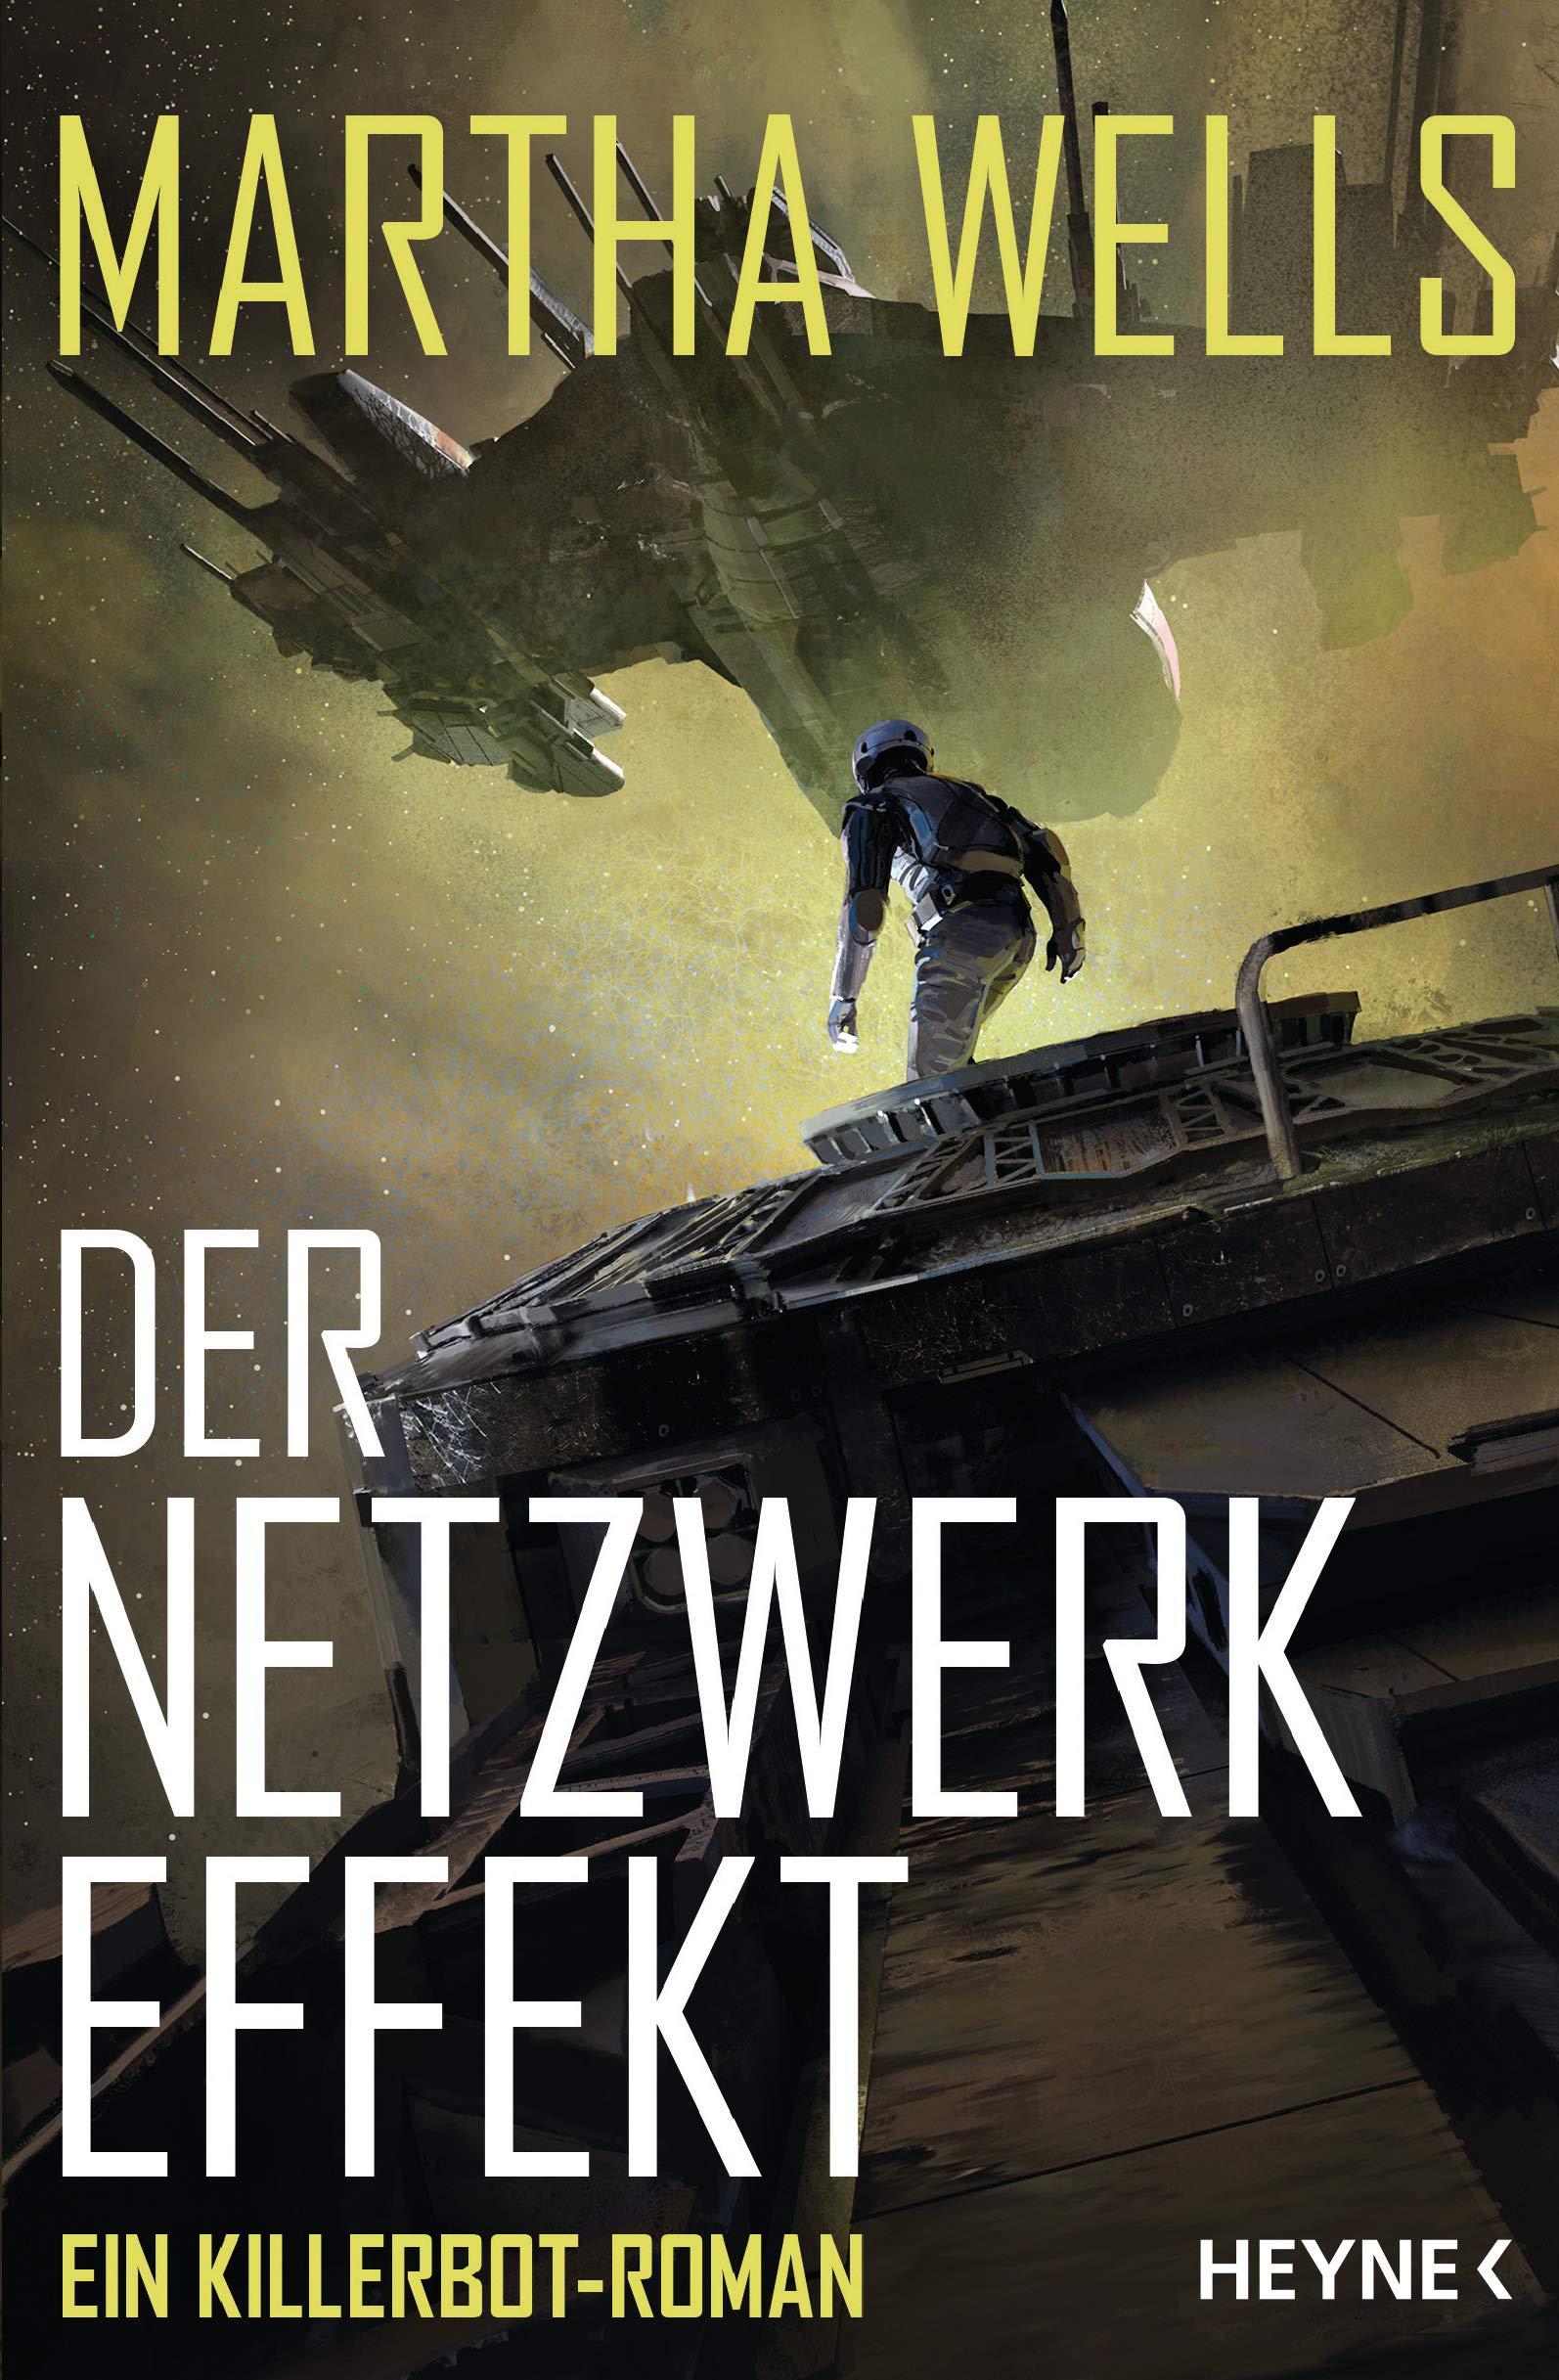 Der Netzwerkeffekt: Ein Killerbot-Roman by Martha Wells